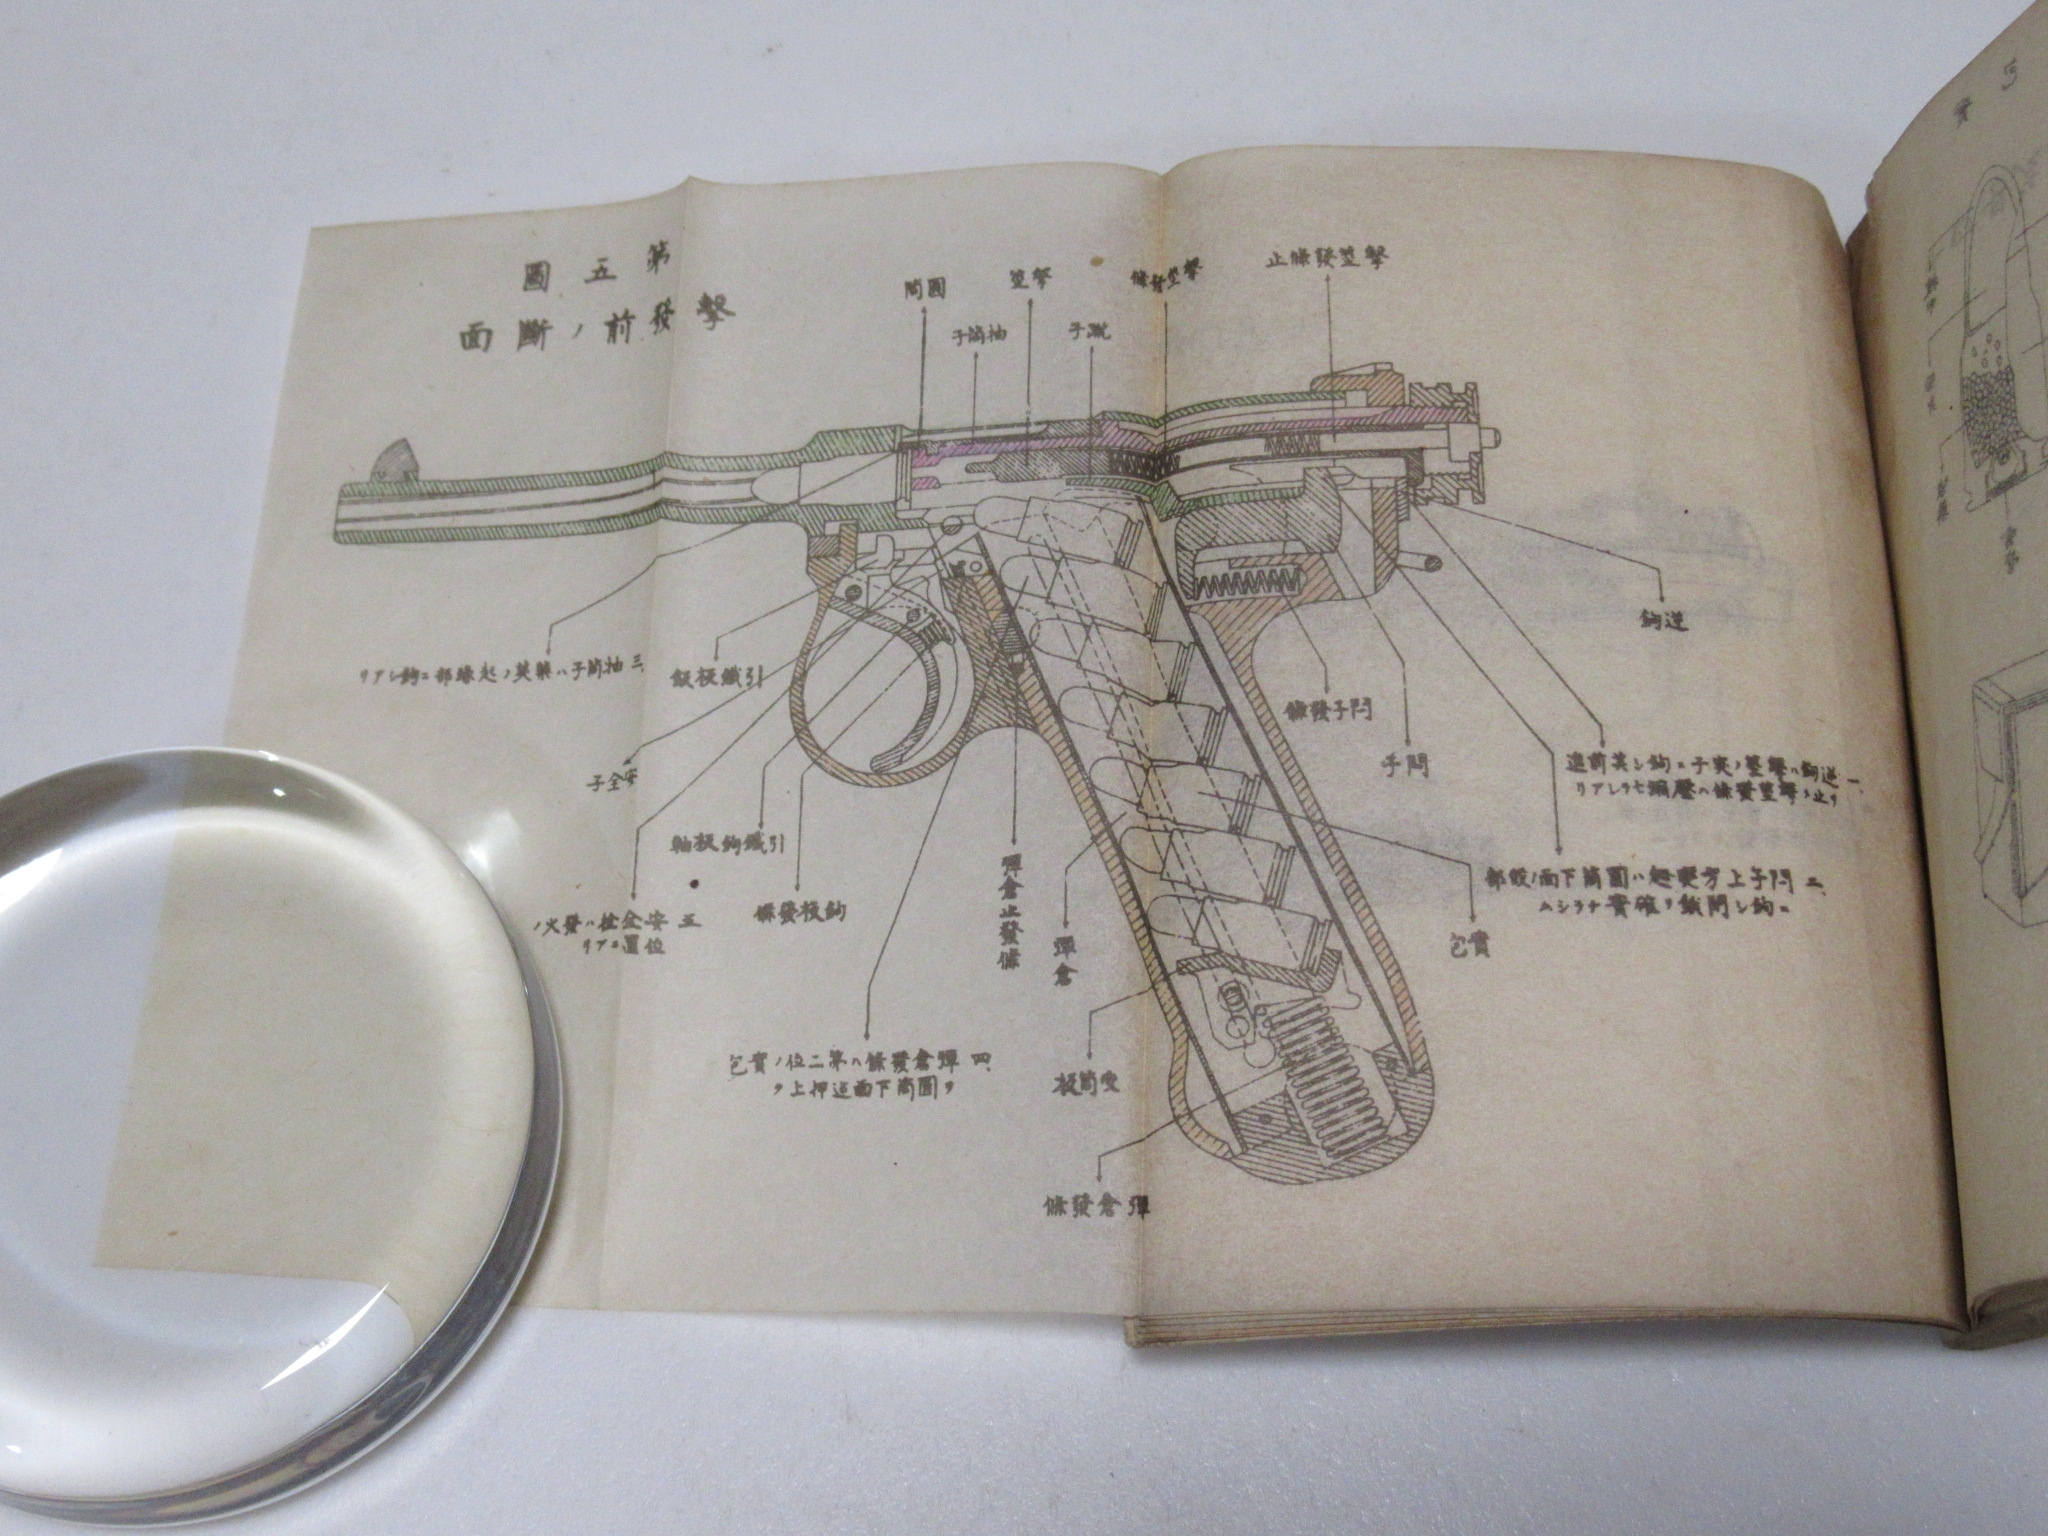 十四年式拳銃取扱法 Type 14 pistol Nambu